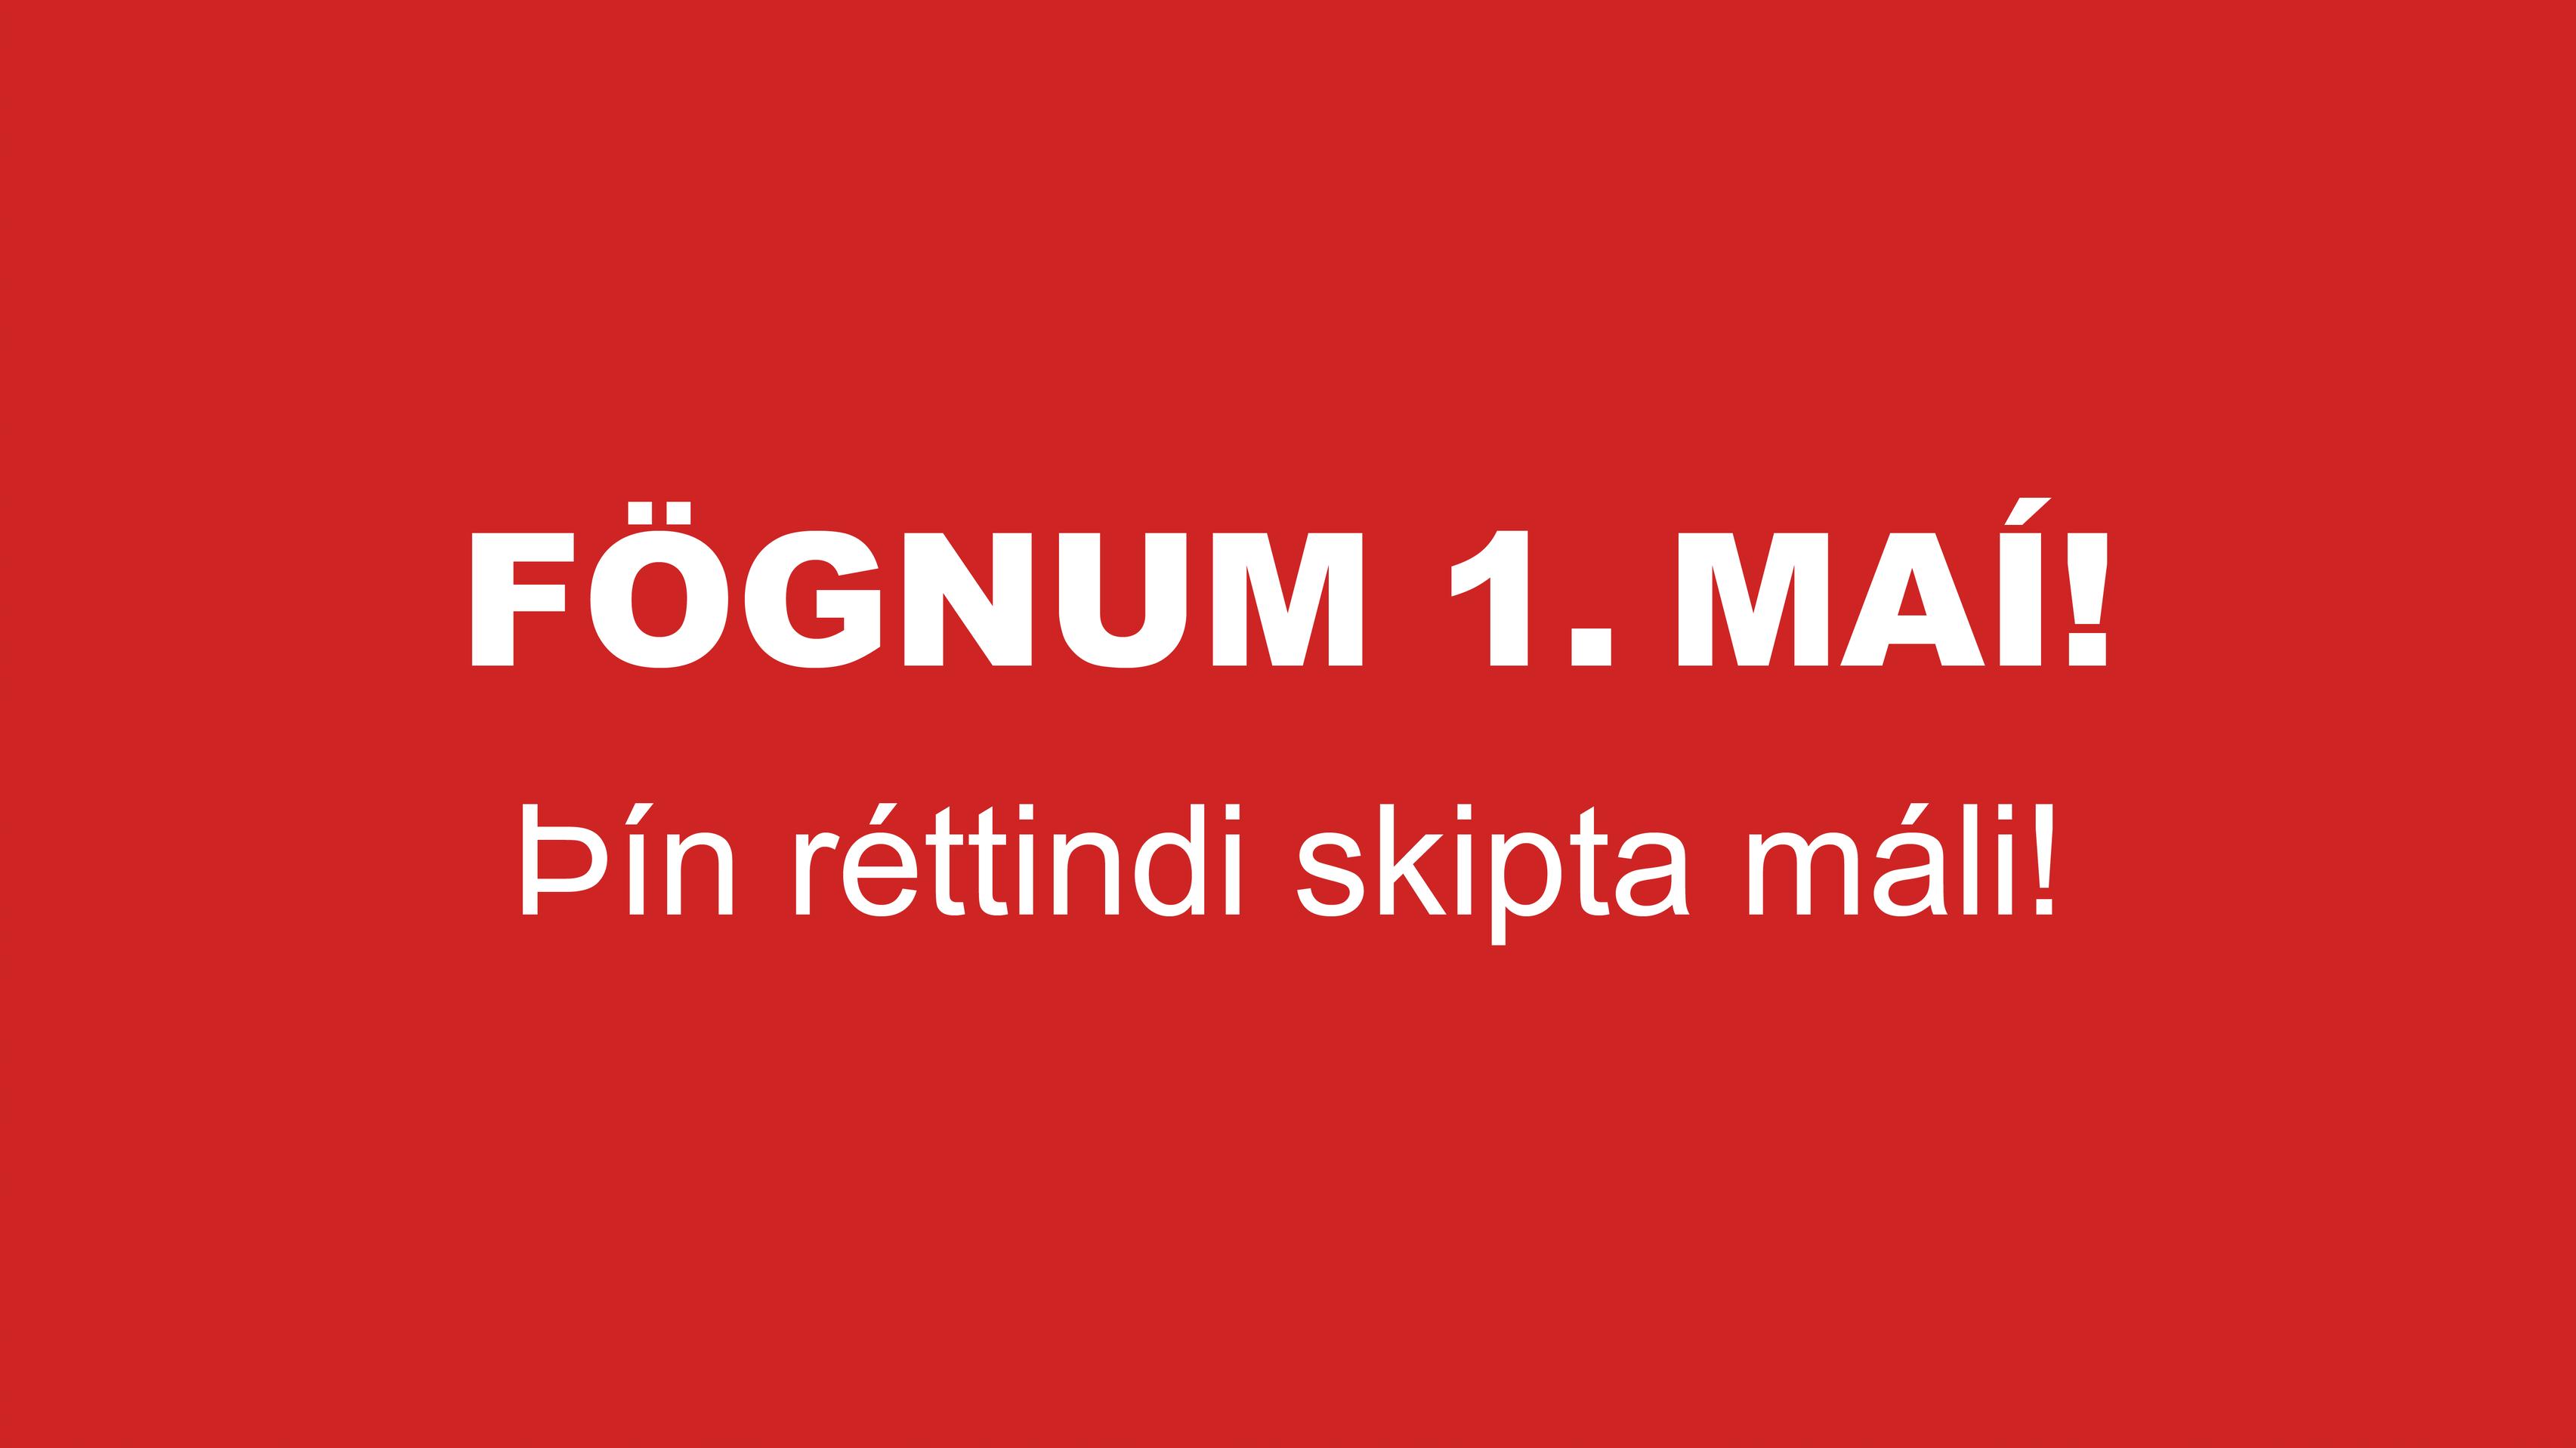 Verkalýðsdagurinn.is